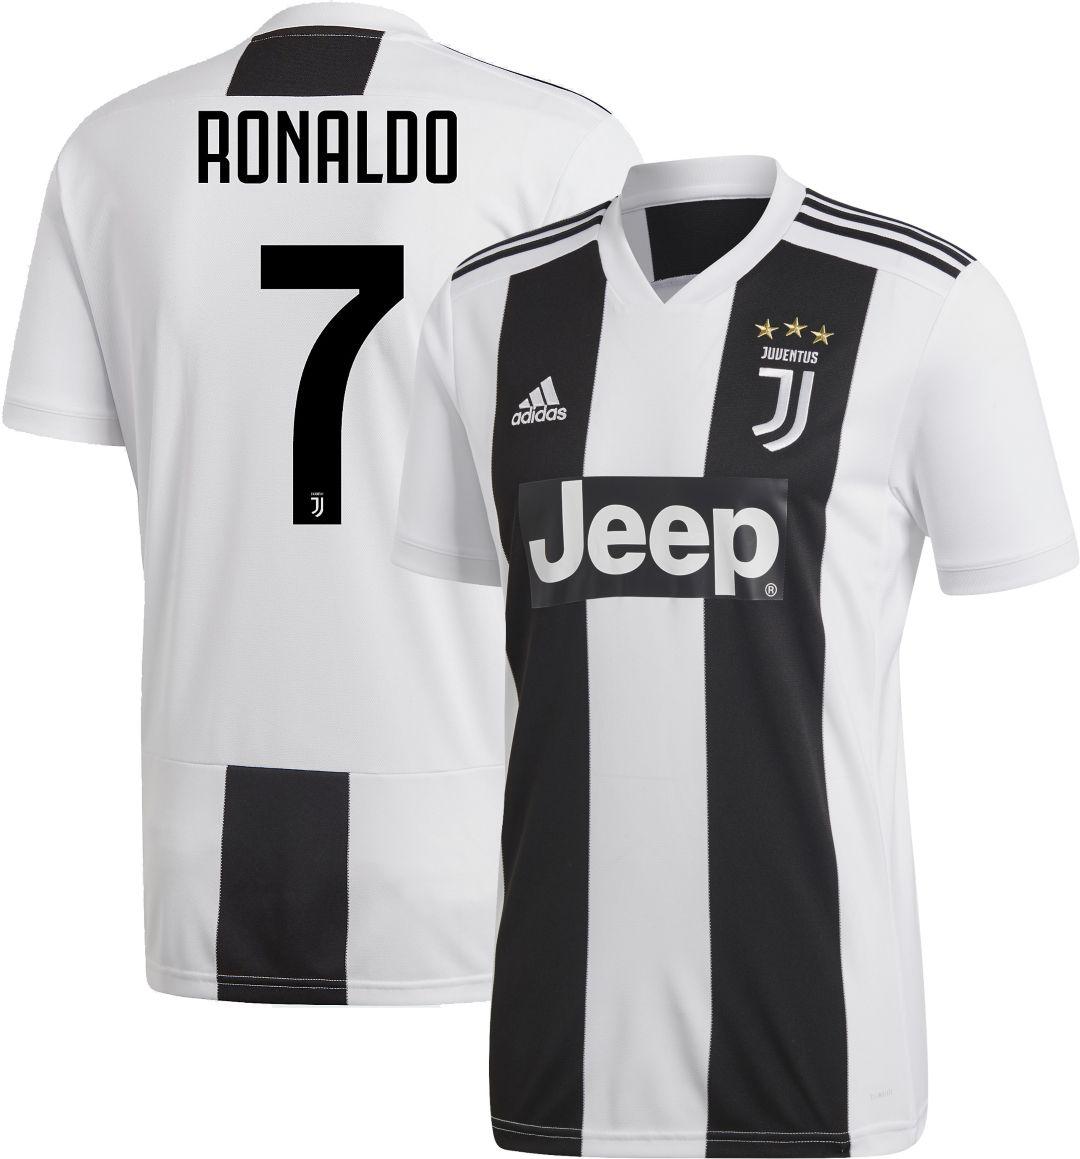 newest d754e d210d adidas Men's Juventus Cristiano Ronaldo #7 Stadium Home Replica Jersey